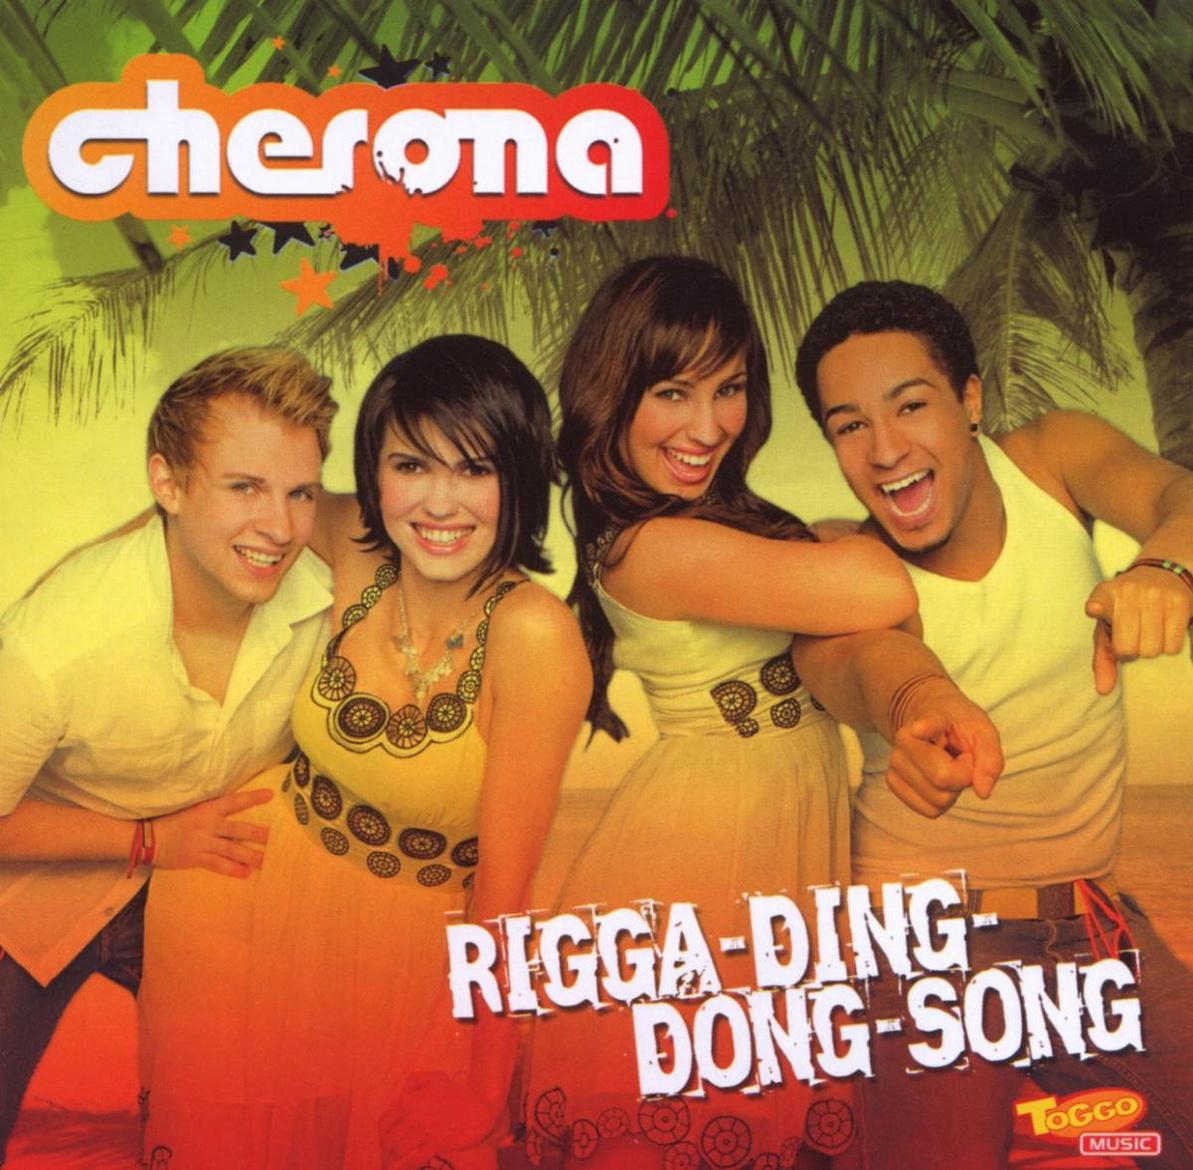 Cherona - Rigga-Ding-Dong-Song (Premium-Single incl. Magneten von Milla und Enrico)